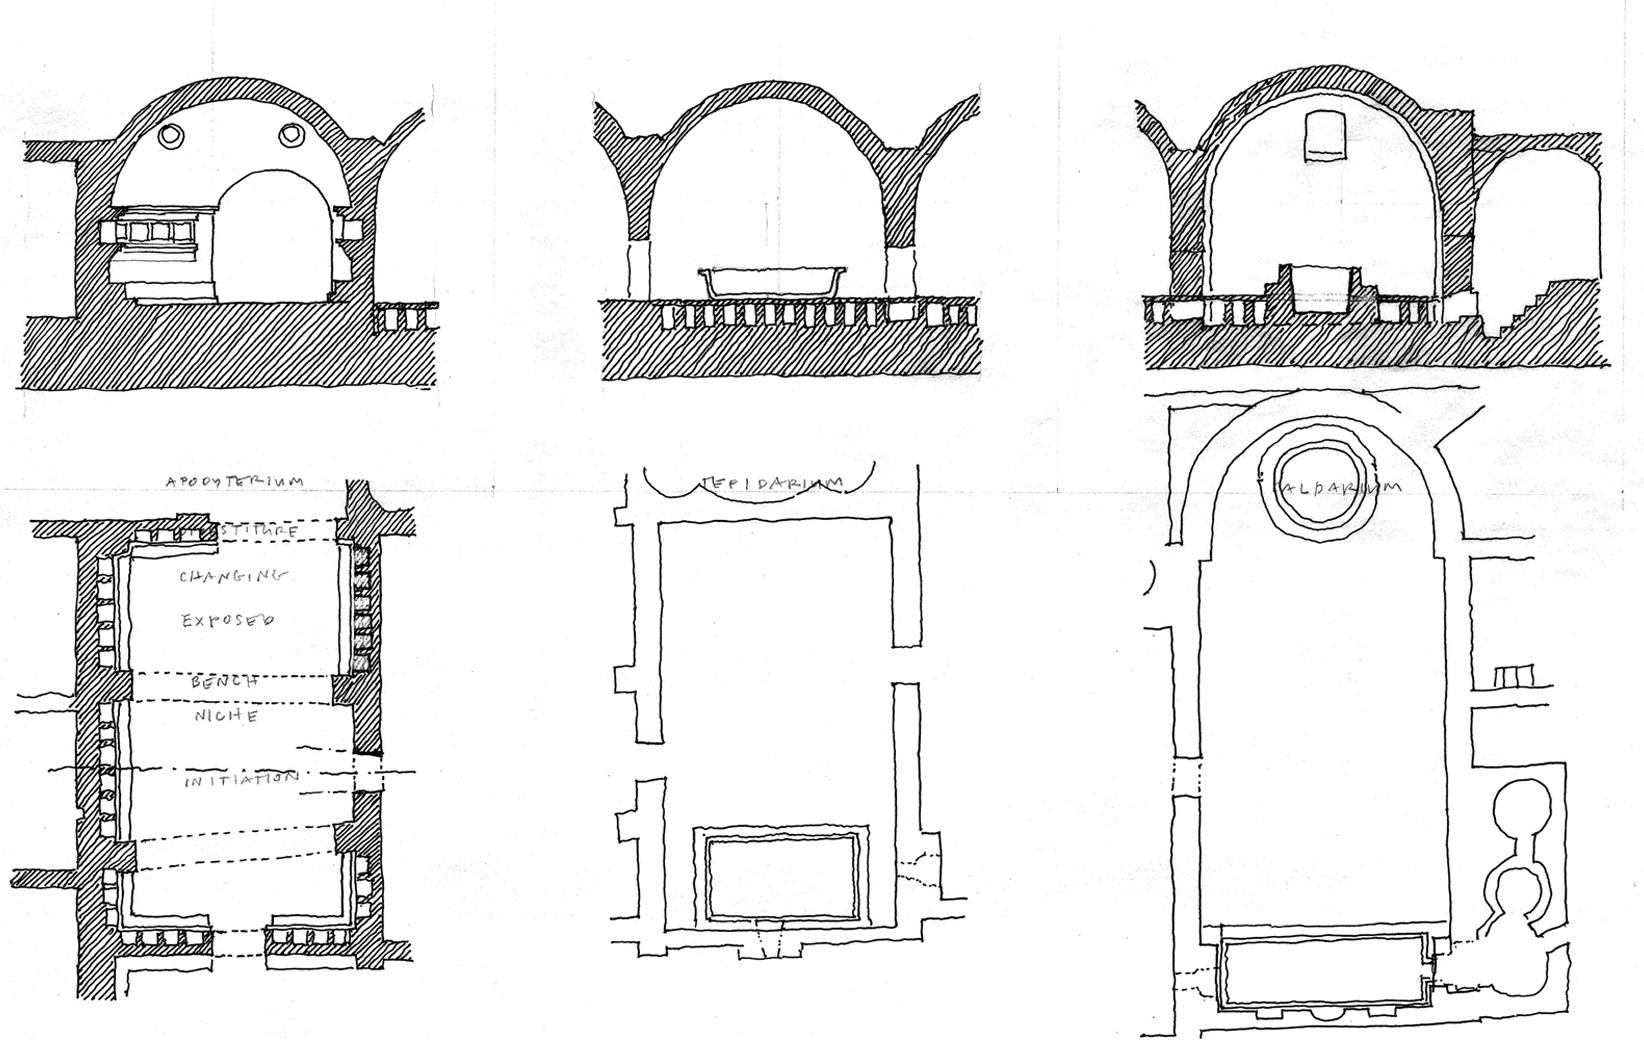 Hot Springs_diagrams(3).jpg